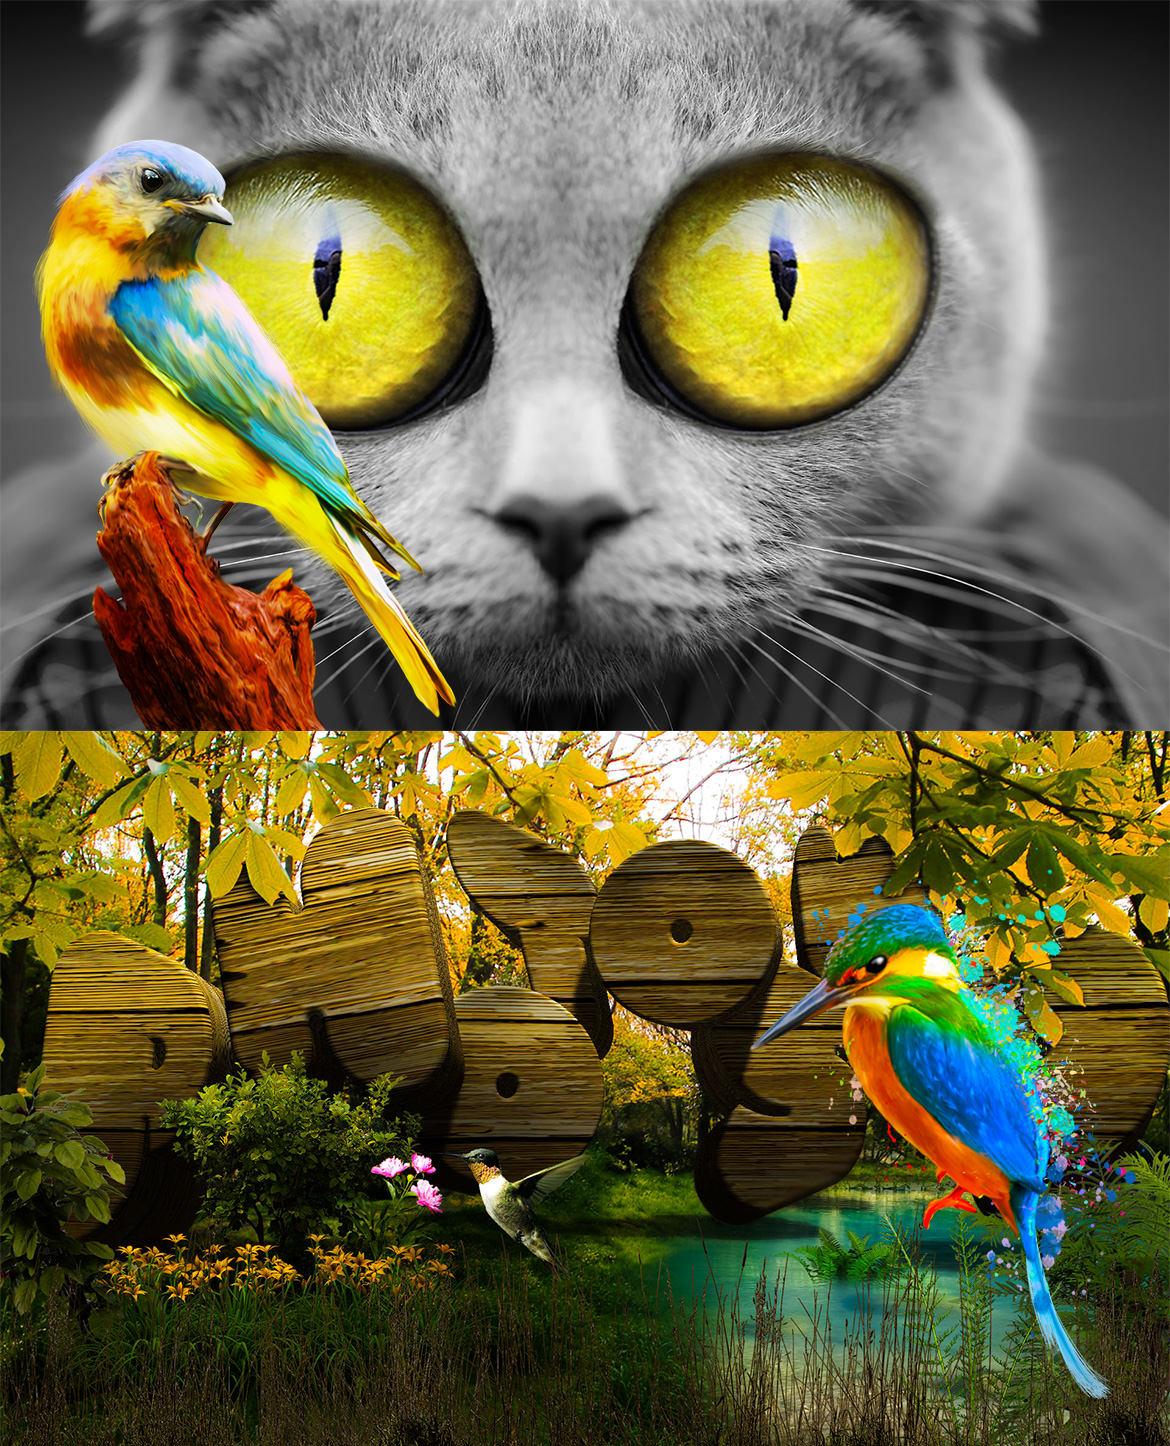 Colorful Birds Painting 3 / カラフル バード3 サンプル